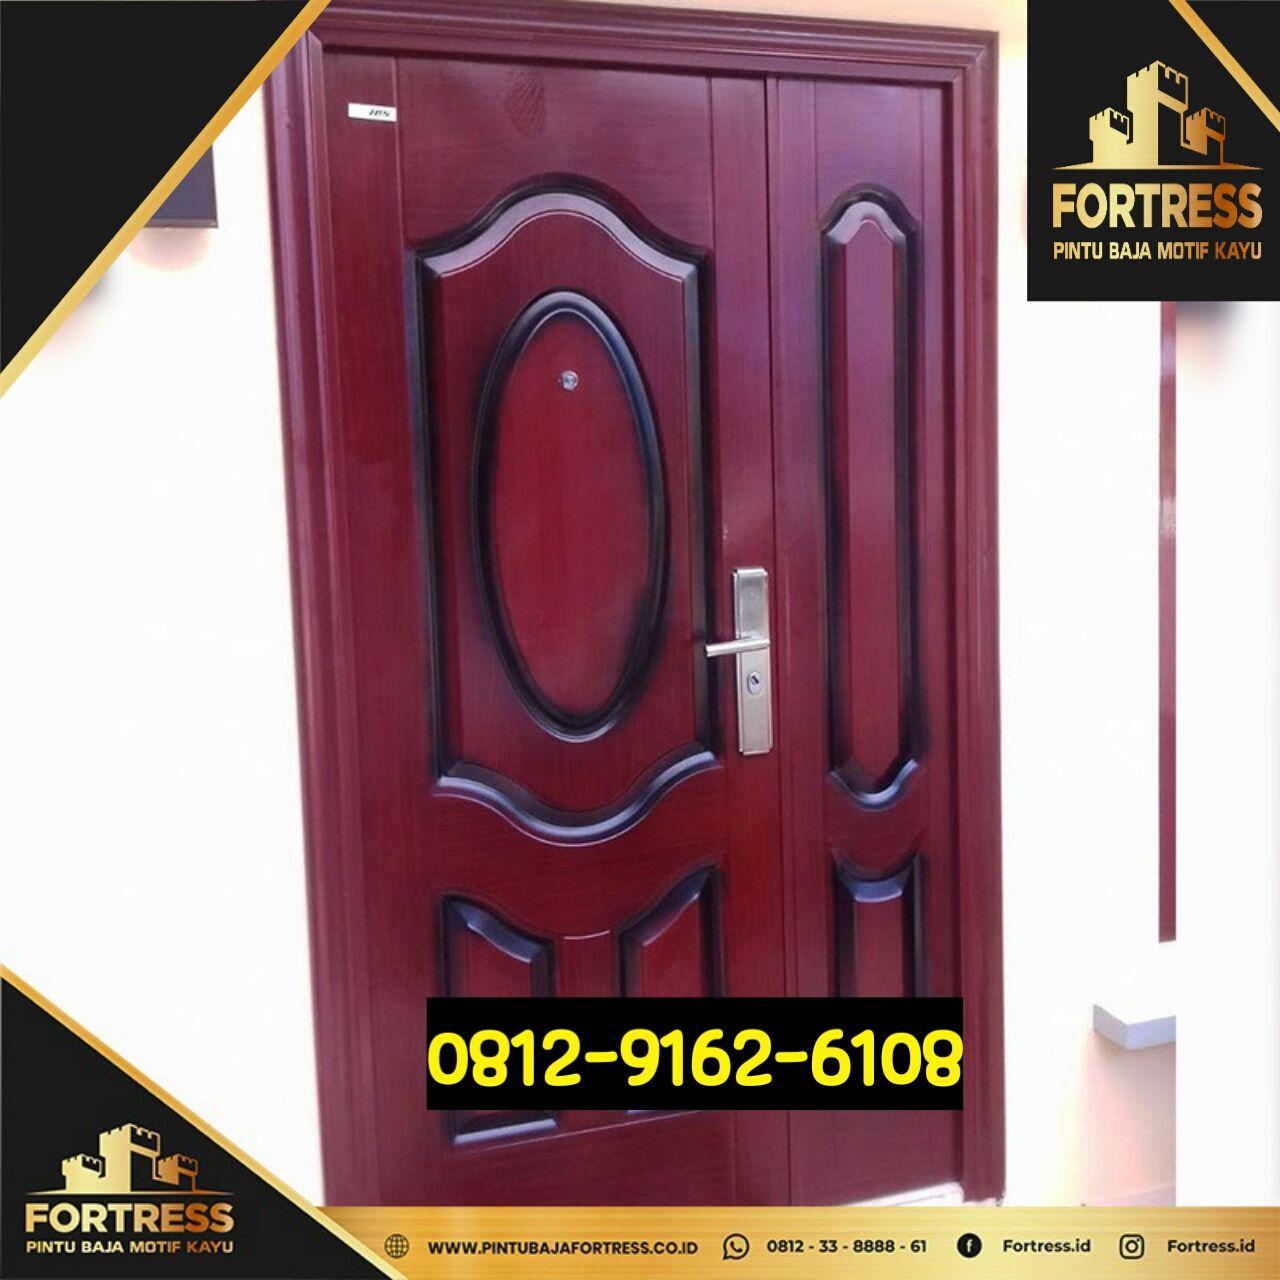 0812-9162-6105 (FOTRESS), steel trellis door, the price of a new door …